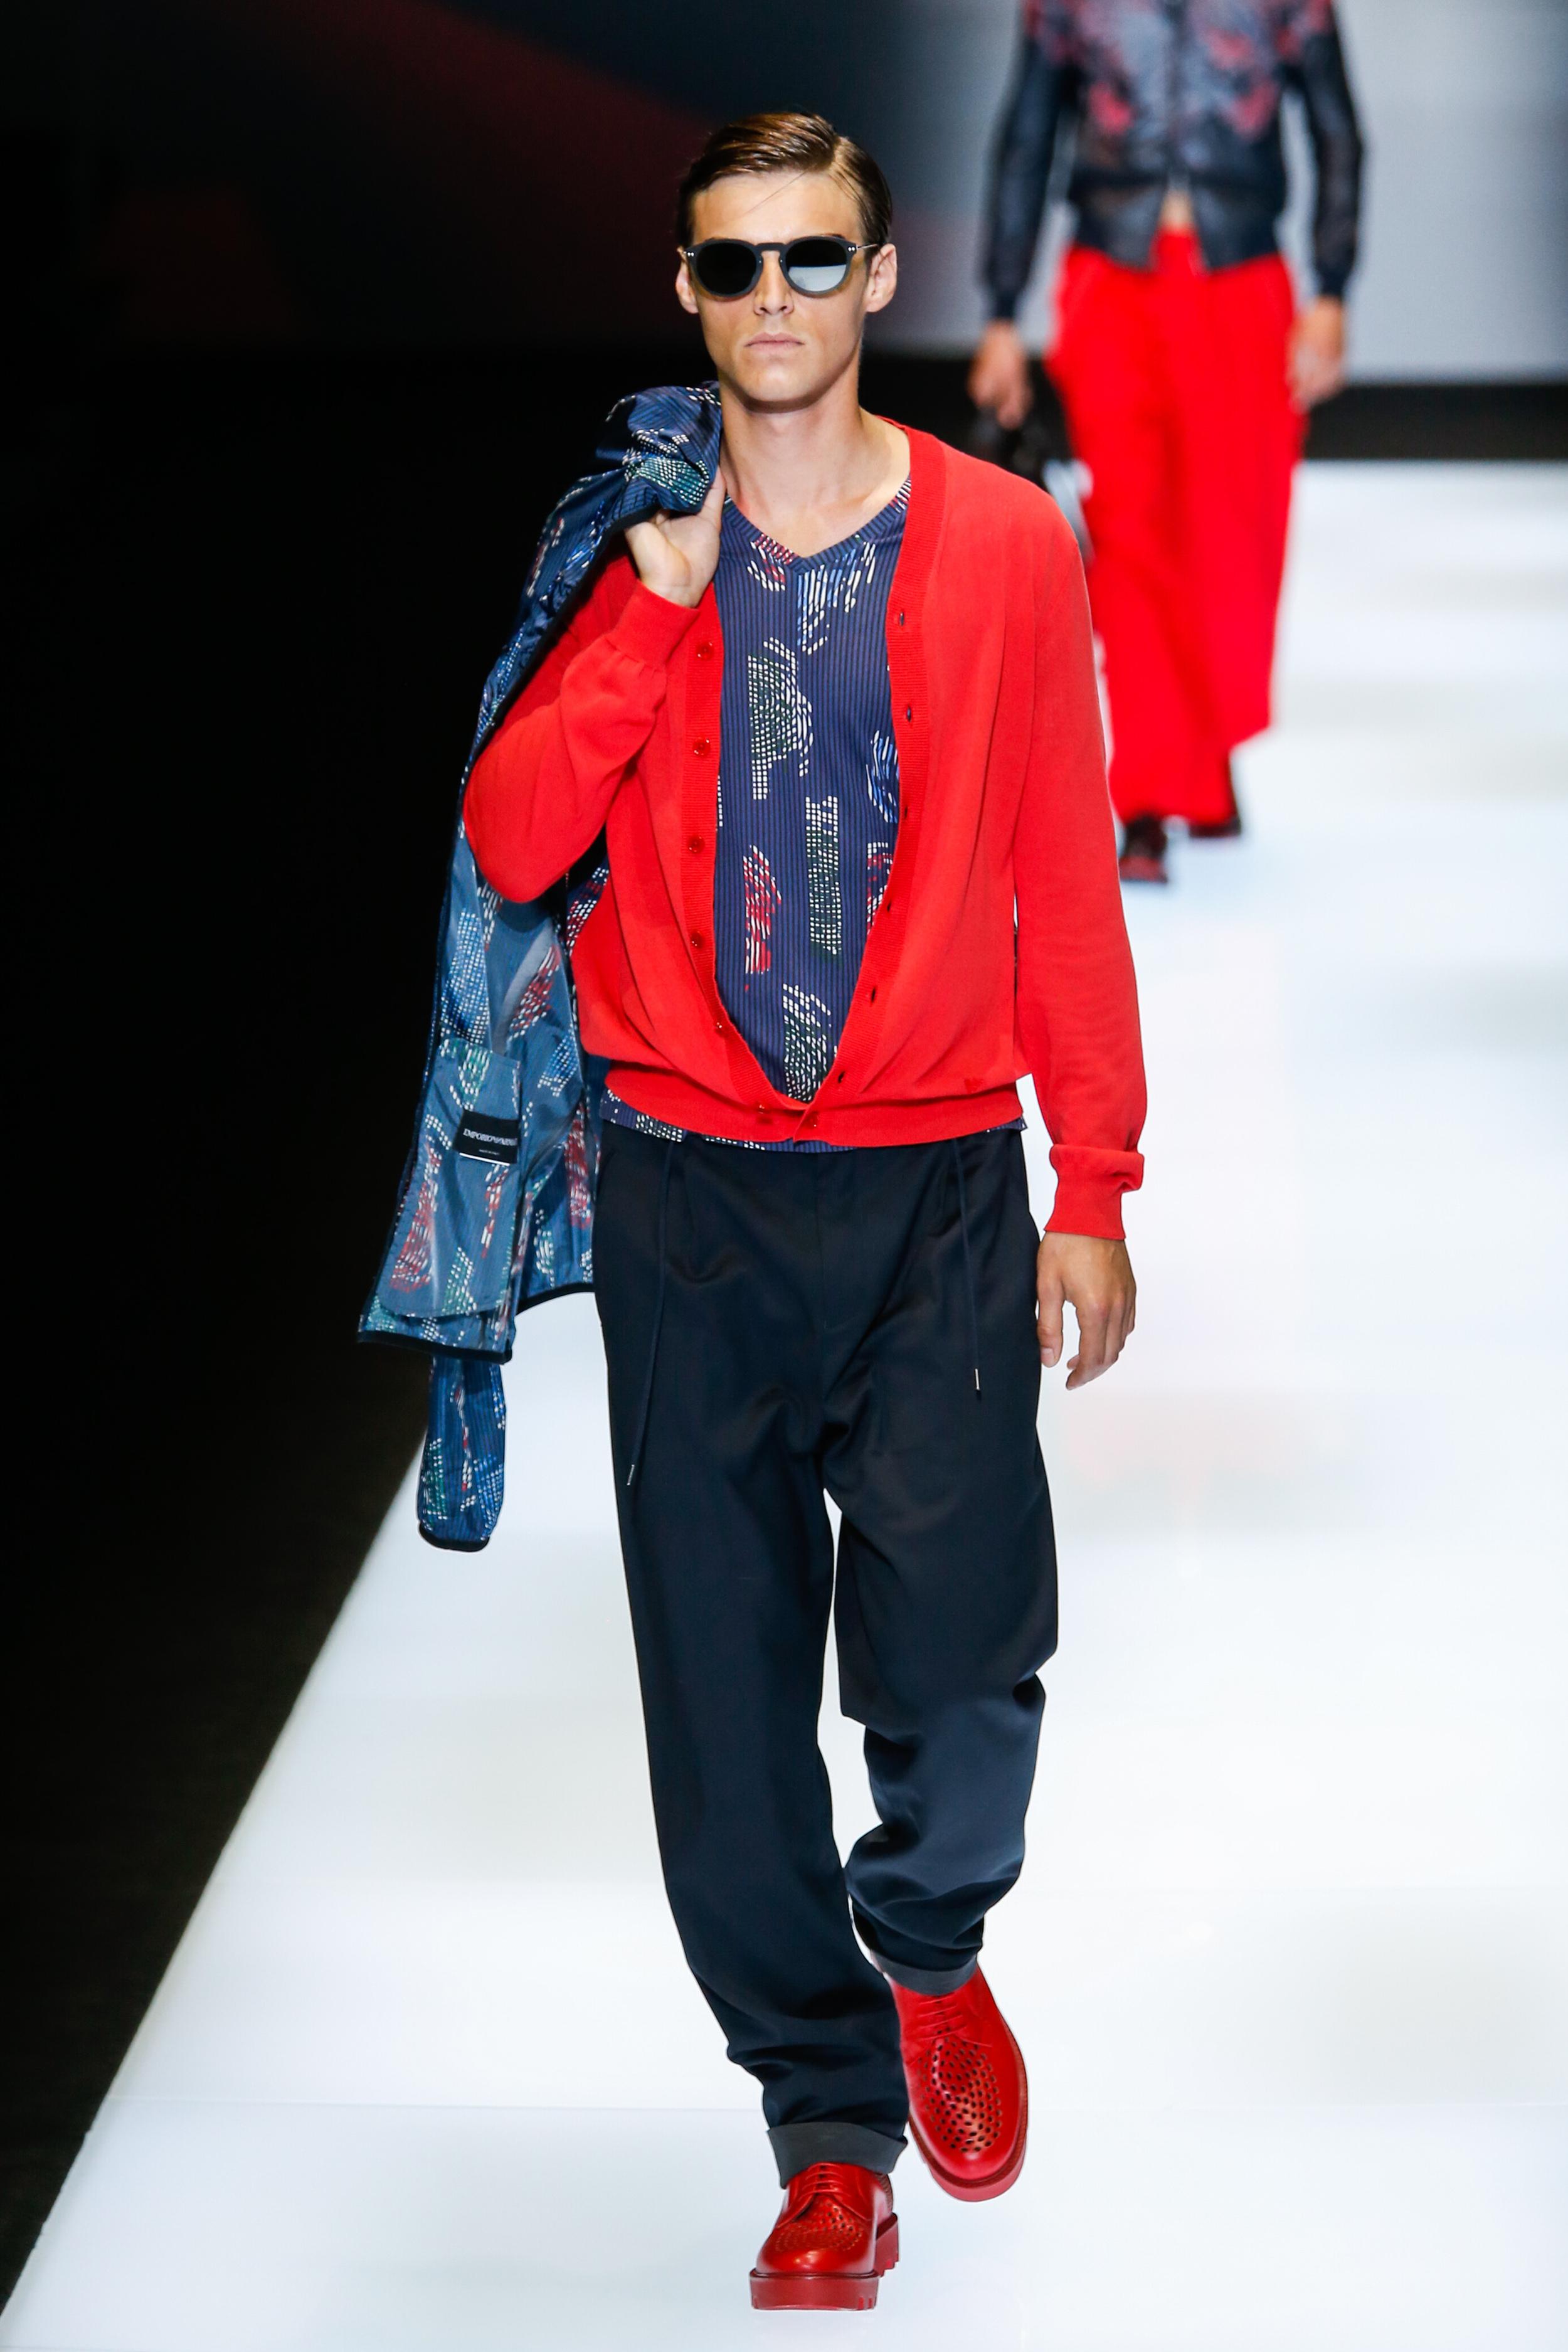 Milan Fashion Week: Stimmiger Look - rote Strickjacke zu roten Herrenschuhen bei Emporio Armani (ddp images)